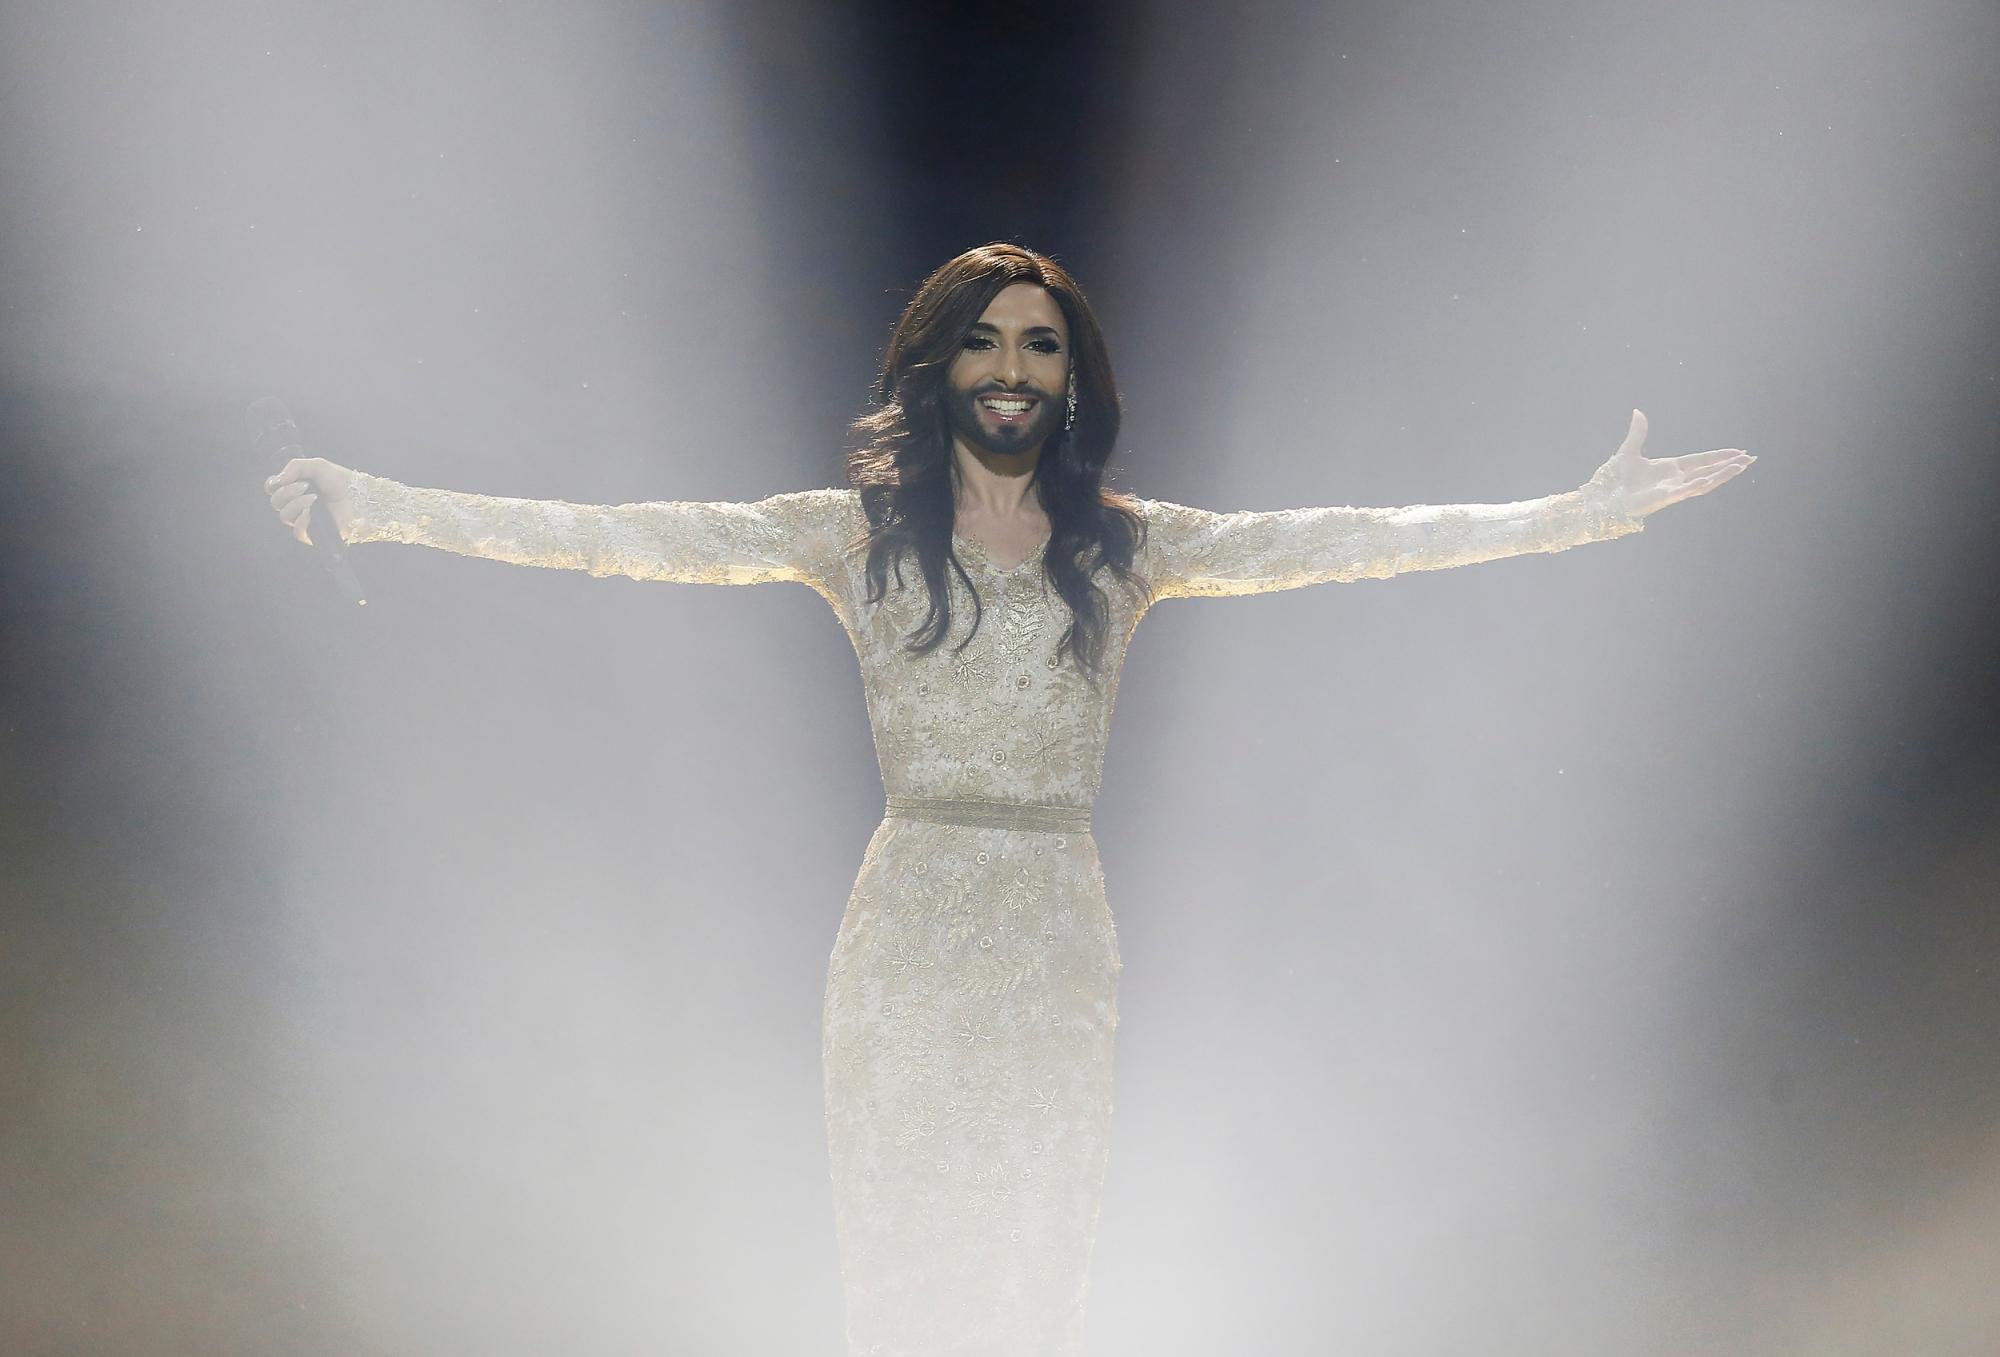 conchita-wurst-eurovision-11